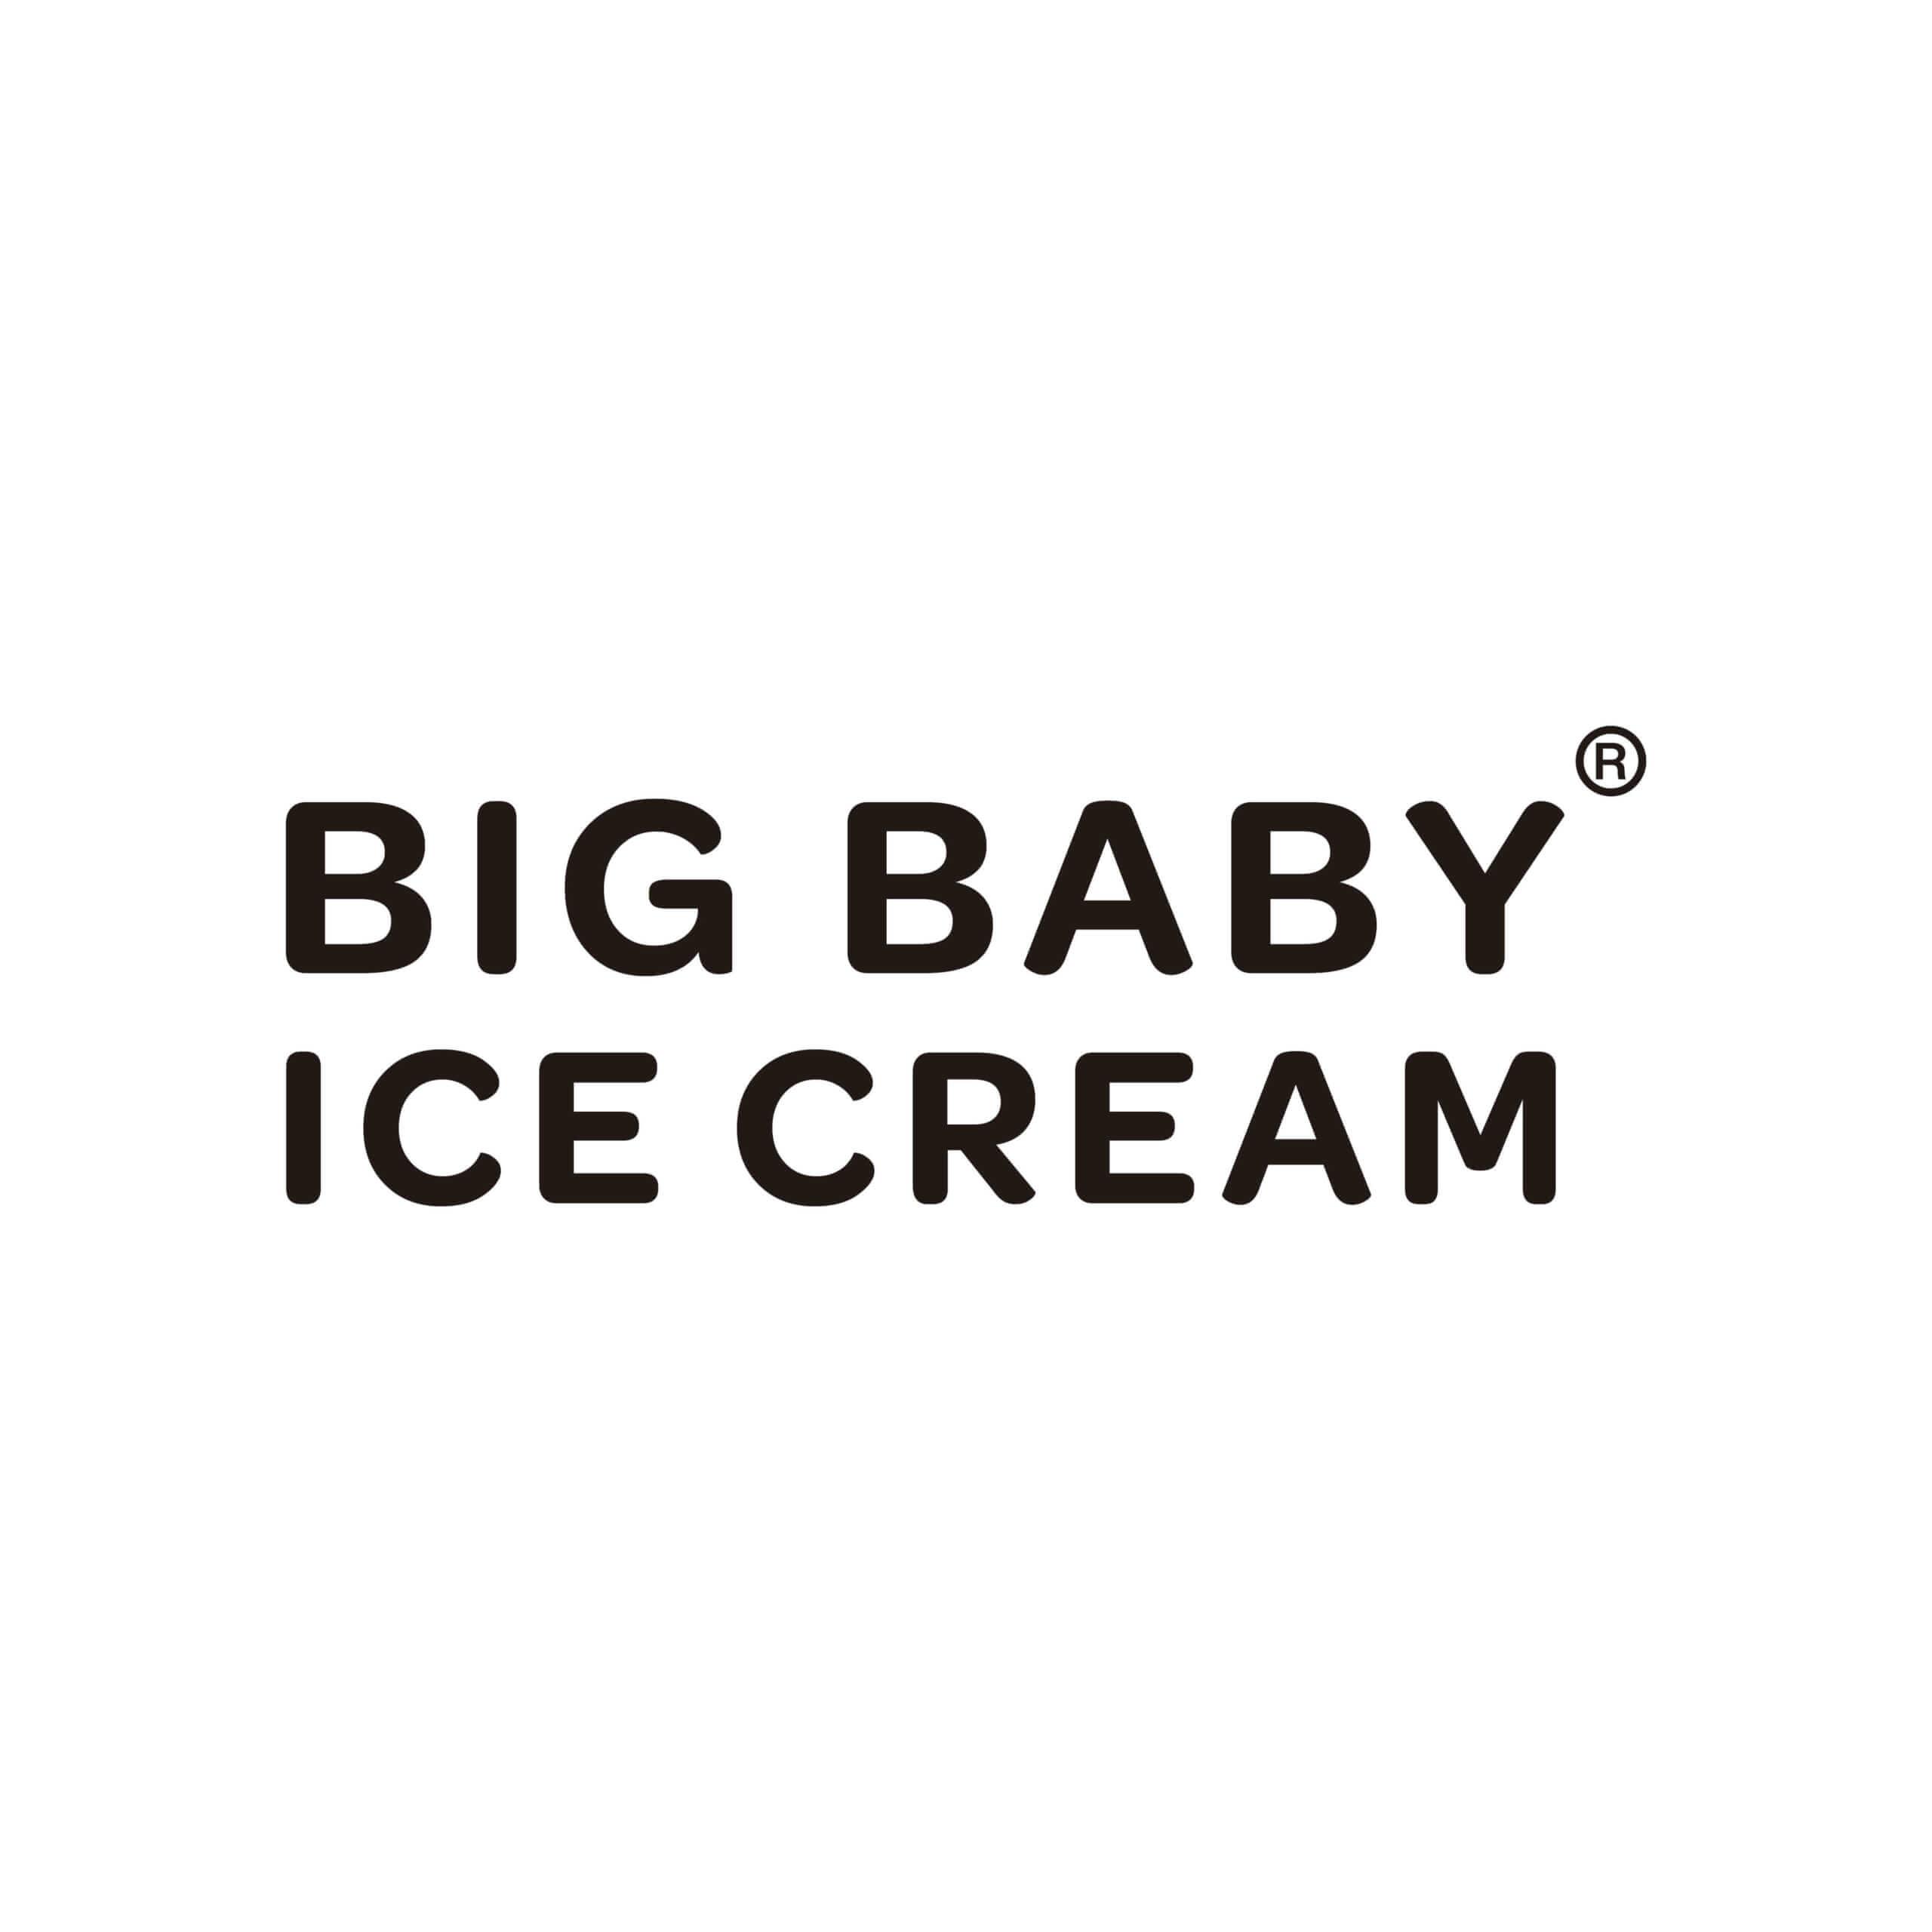 BIG BABY ICE CREAM(ビッグベイビーアイスクリーム)のロゴ